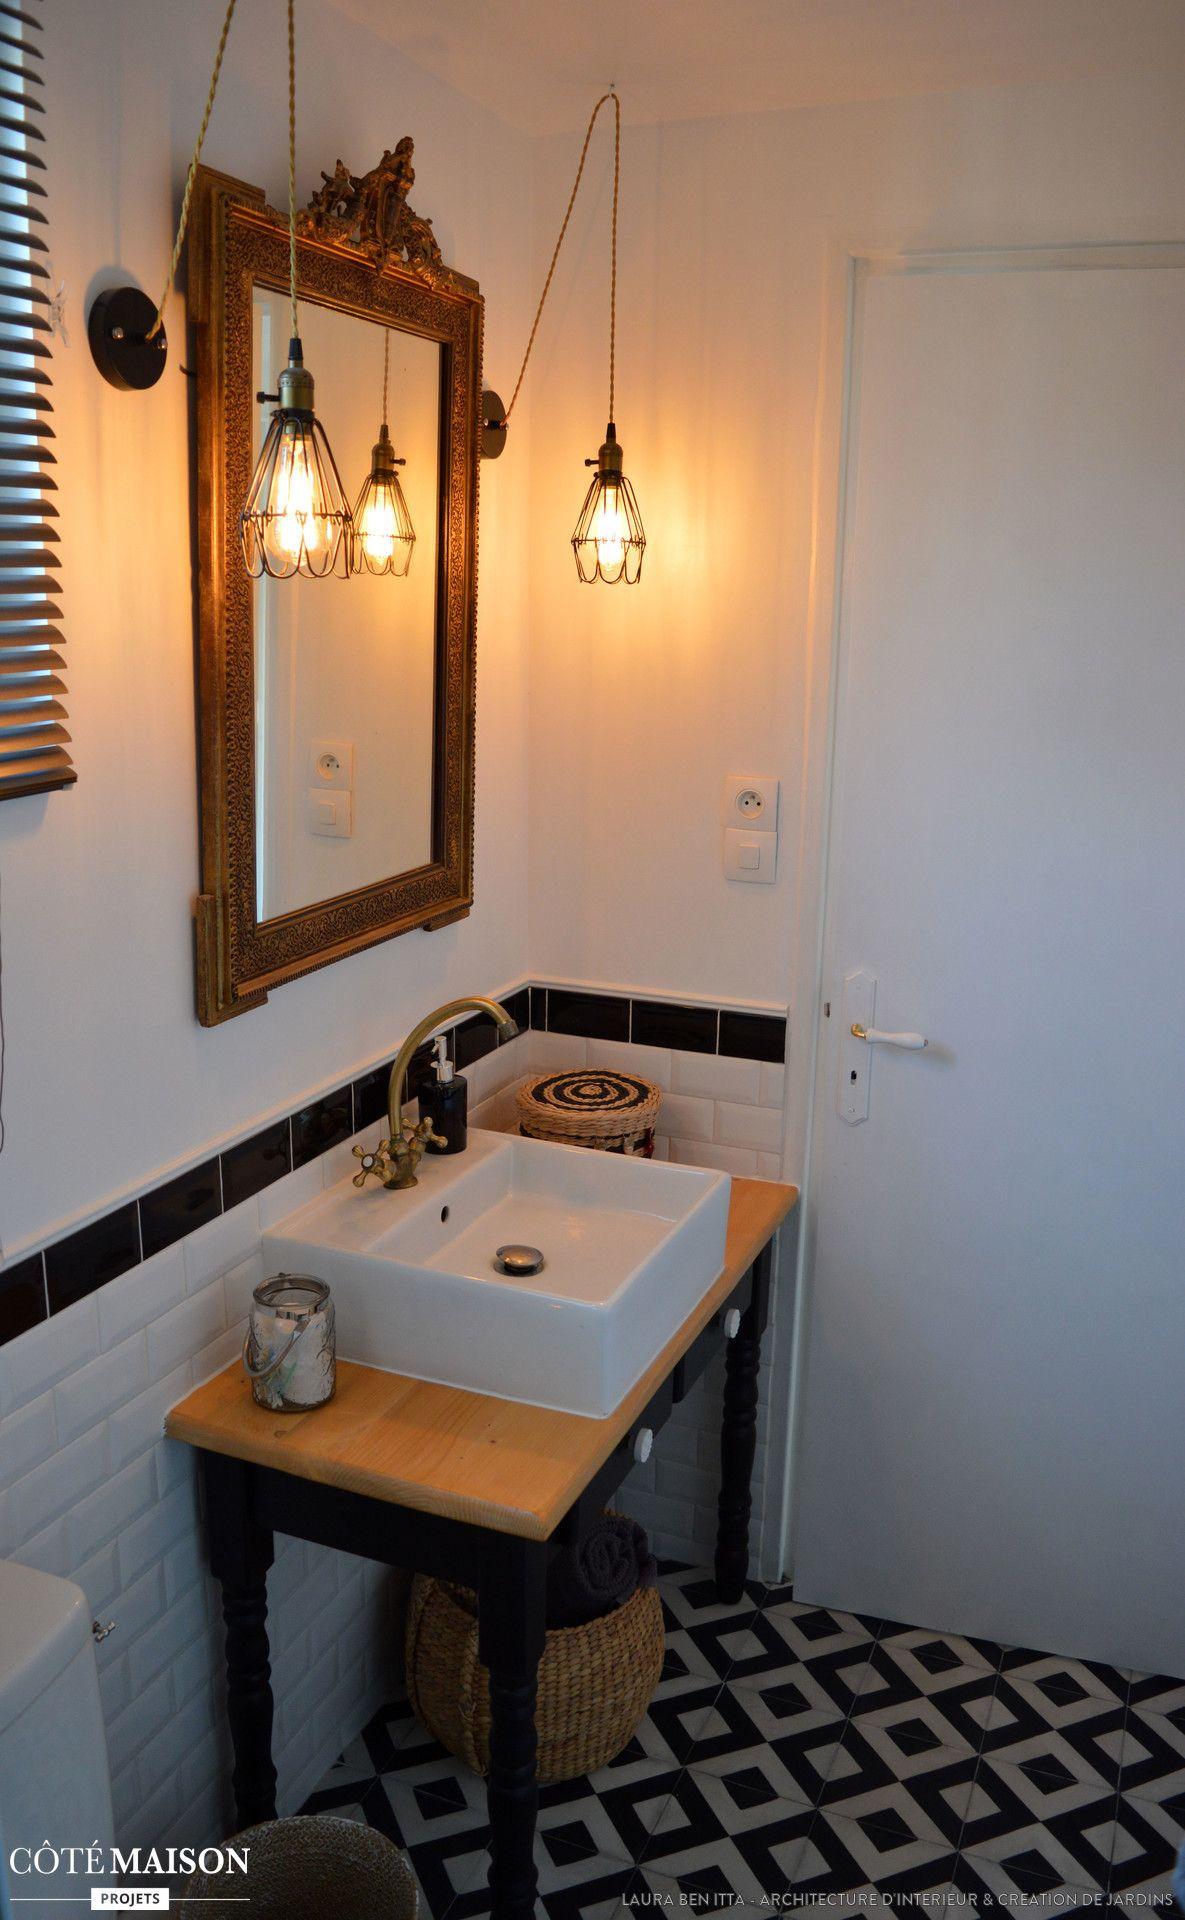 Luminaire Salle De Bain Style Industriel une salle de bain au style rétro-chic / industriel